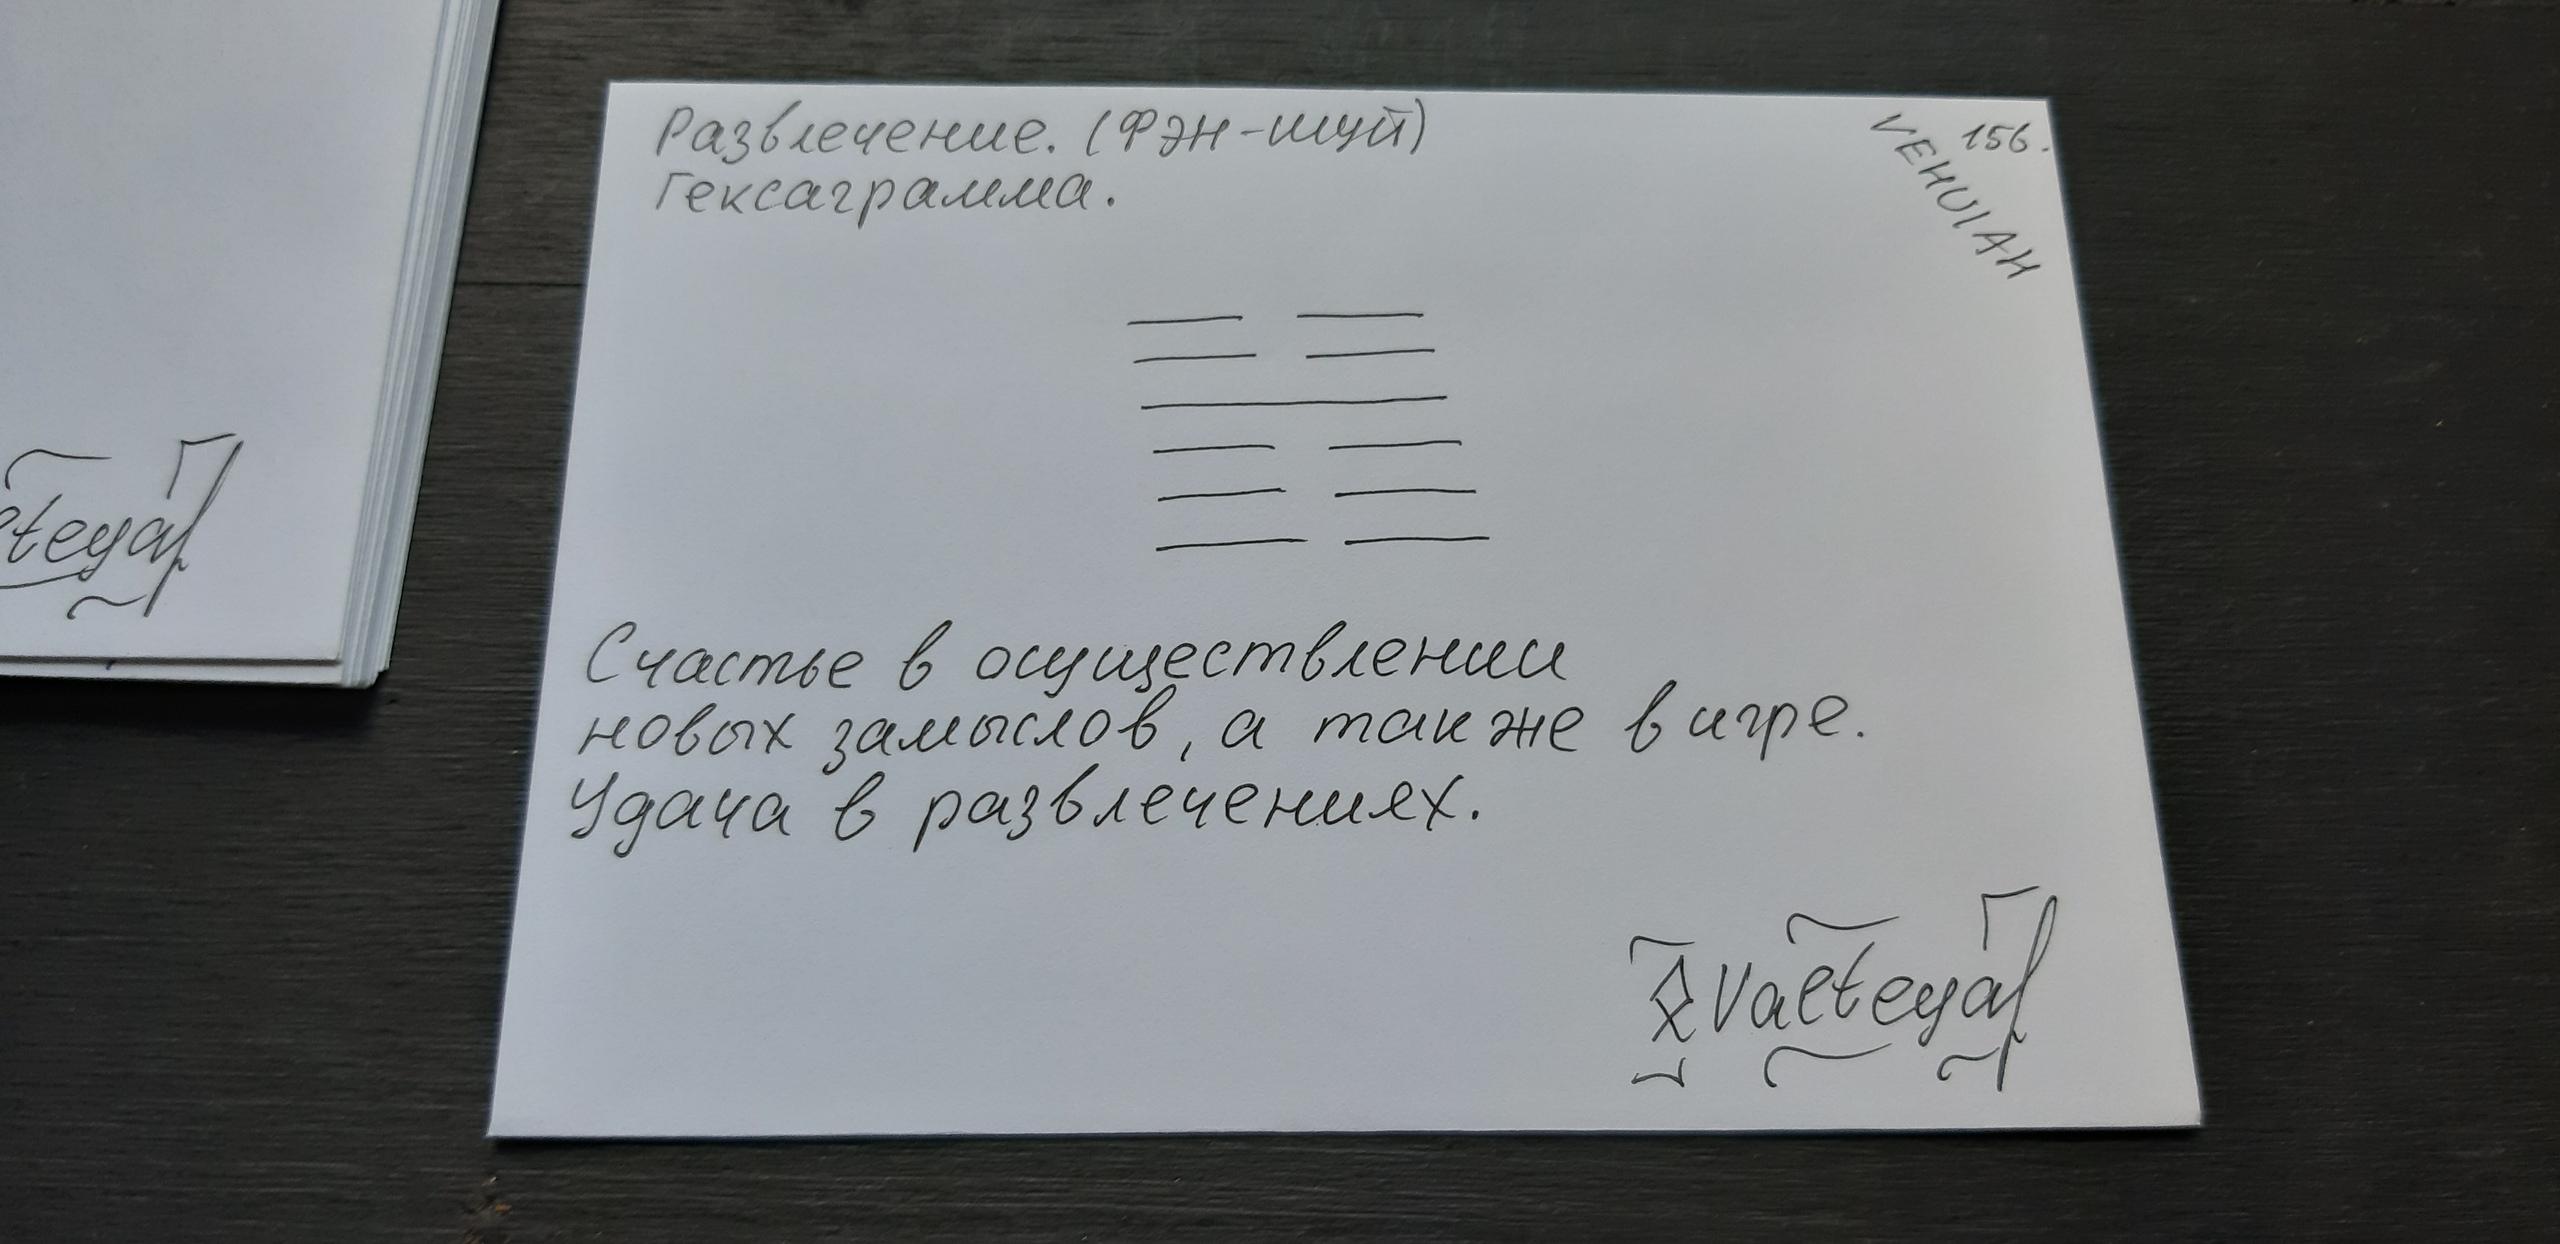 Конверты с магическими программами от Елены Руденко. Ставы, символы, руническая магия.  - Страница 4 4ZxrTp5YR84